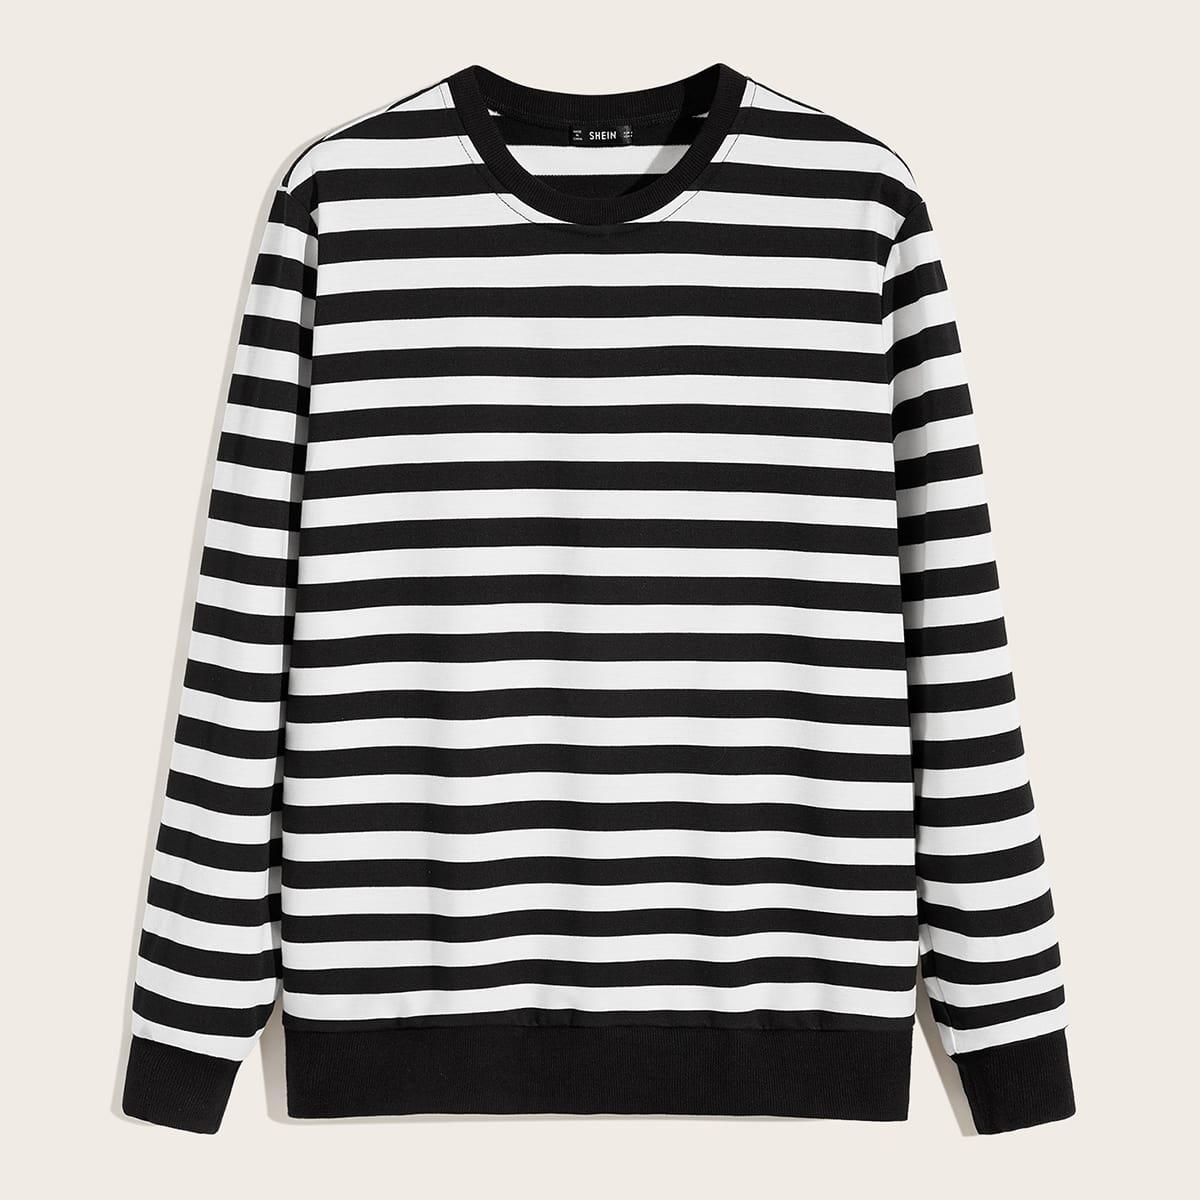 Zwart & wit Casual Gestreept Sweatshirts voor heren